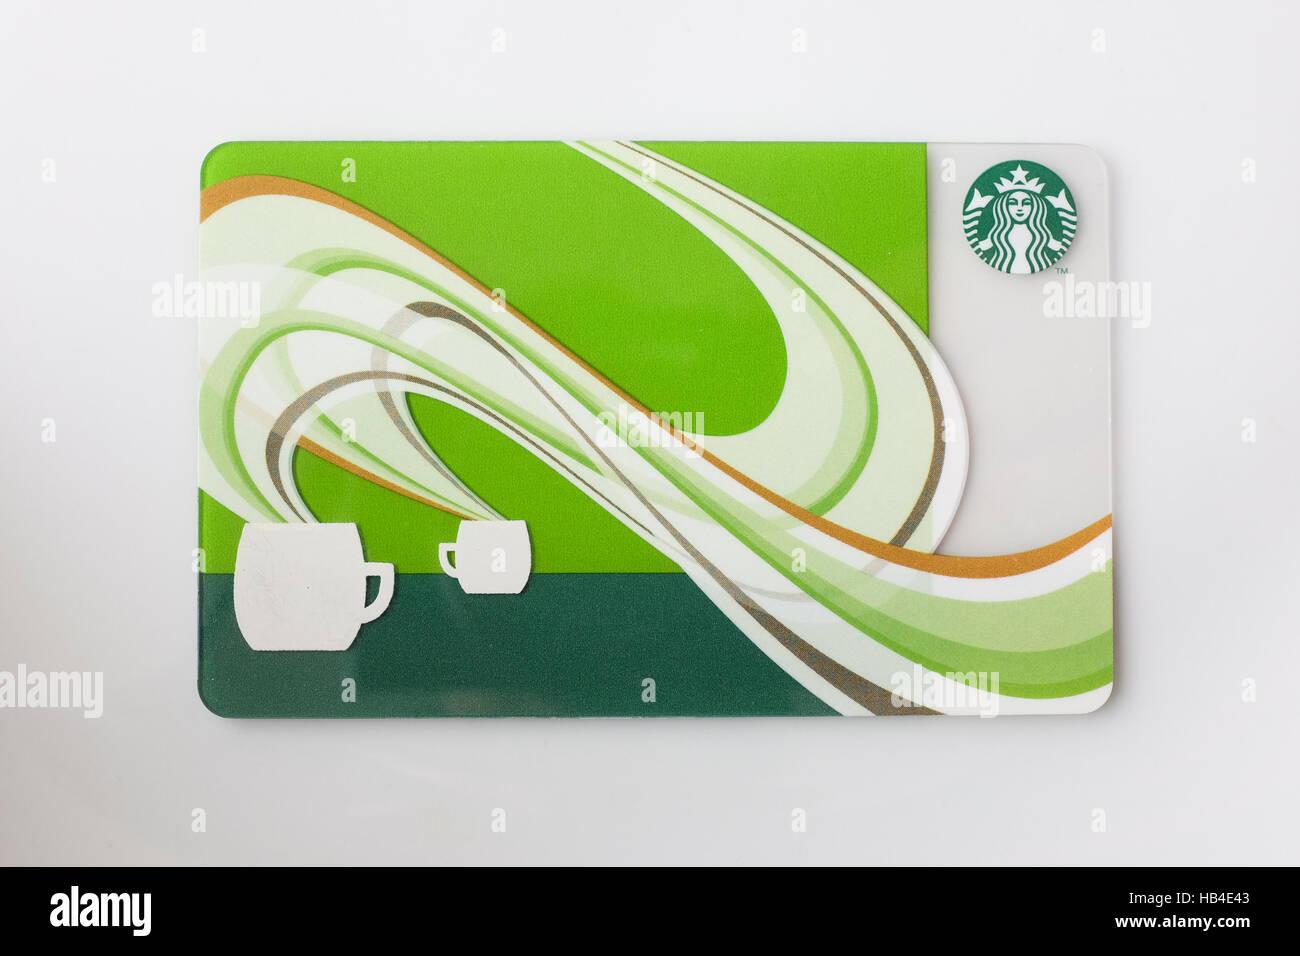 Una tarjeta de regalo de Starbucks publicado en Japón Foto & Imagen ...